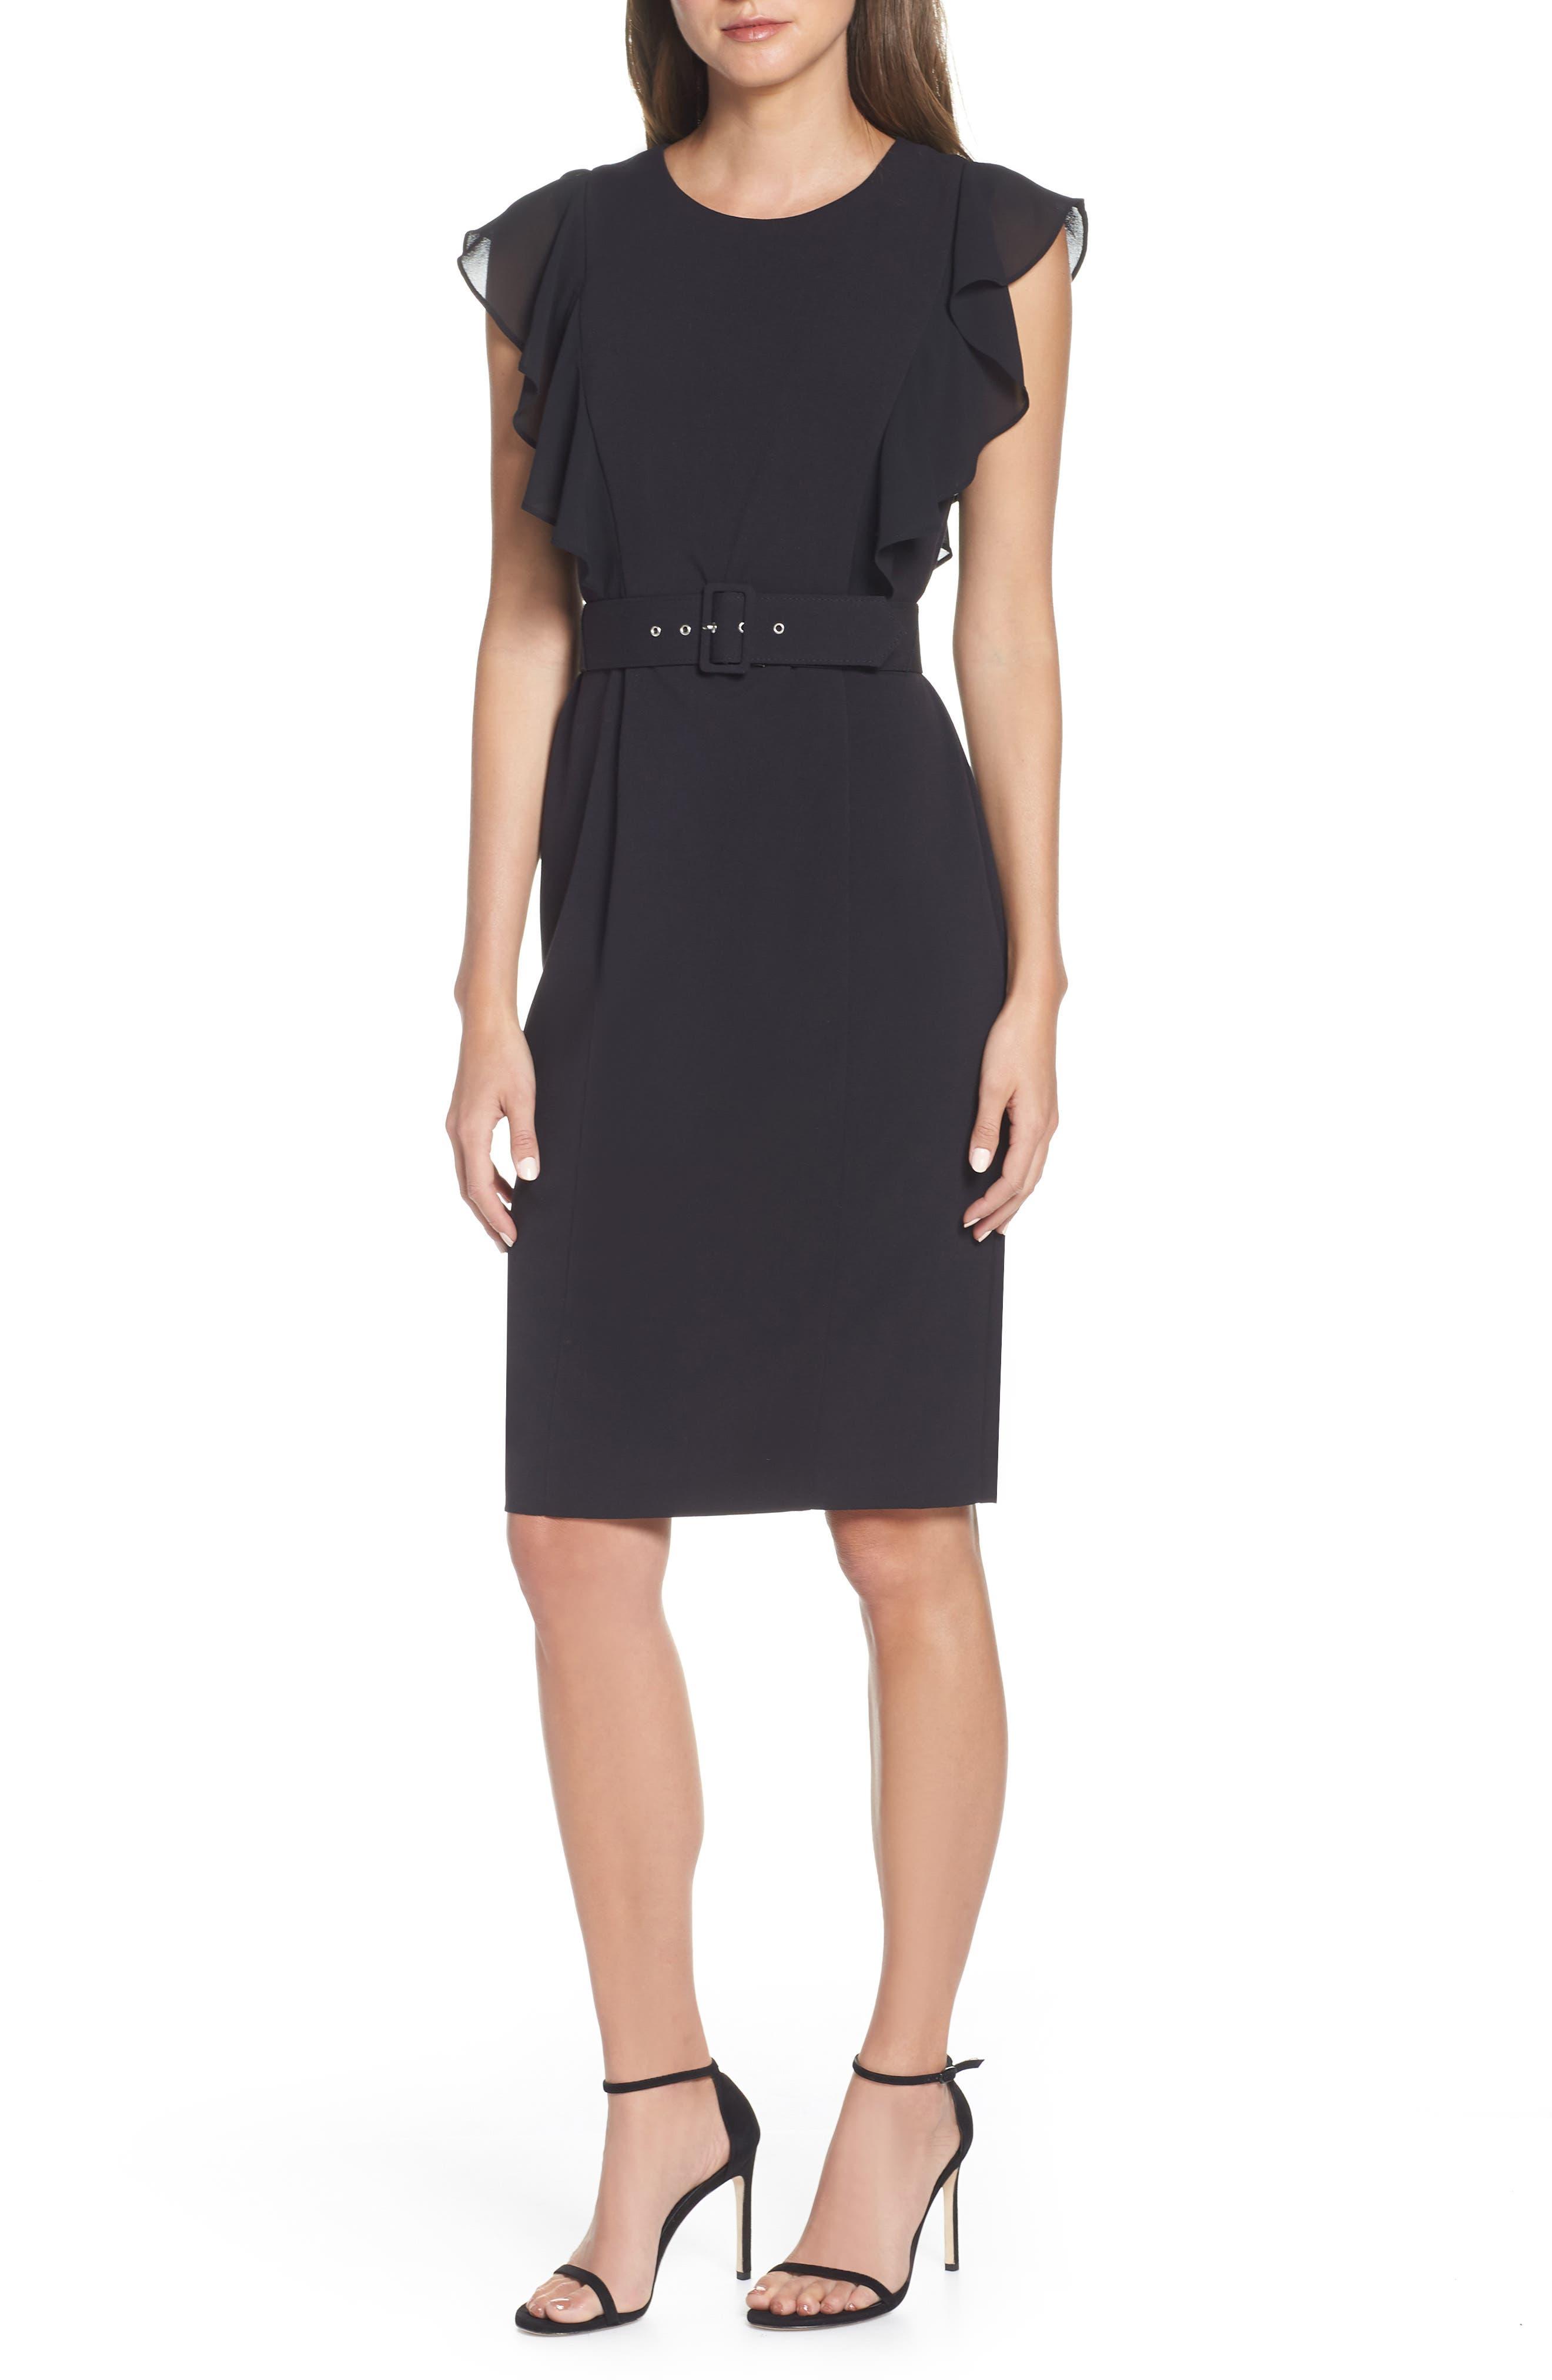 HARPER ROSE Belted Sheath Dress, Main, color, 001